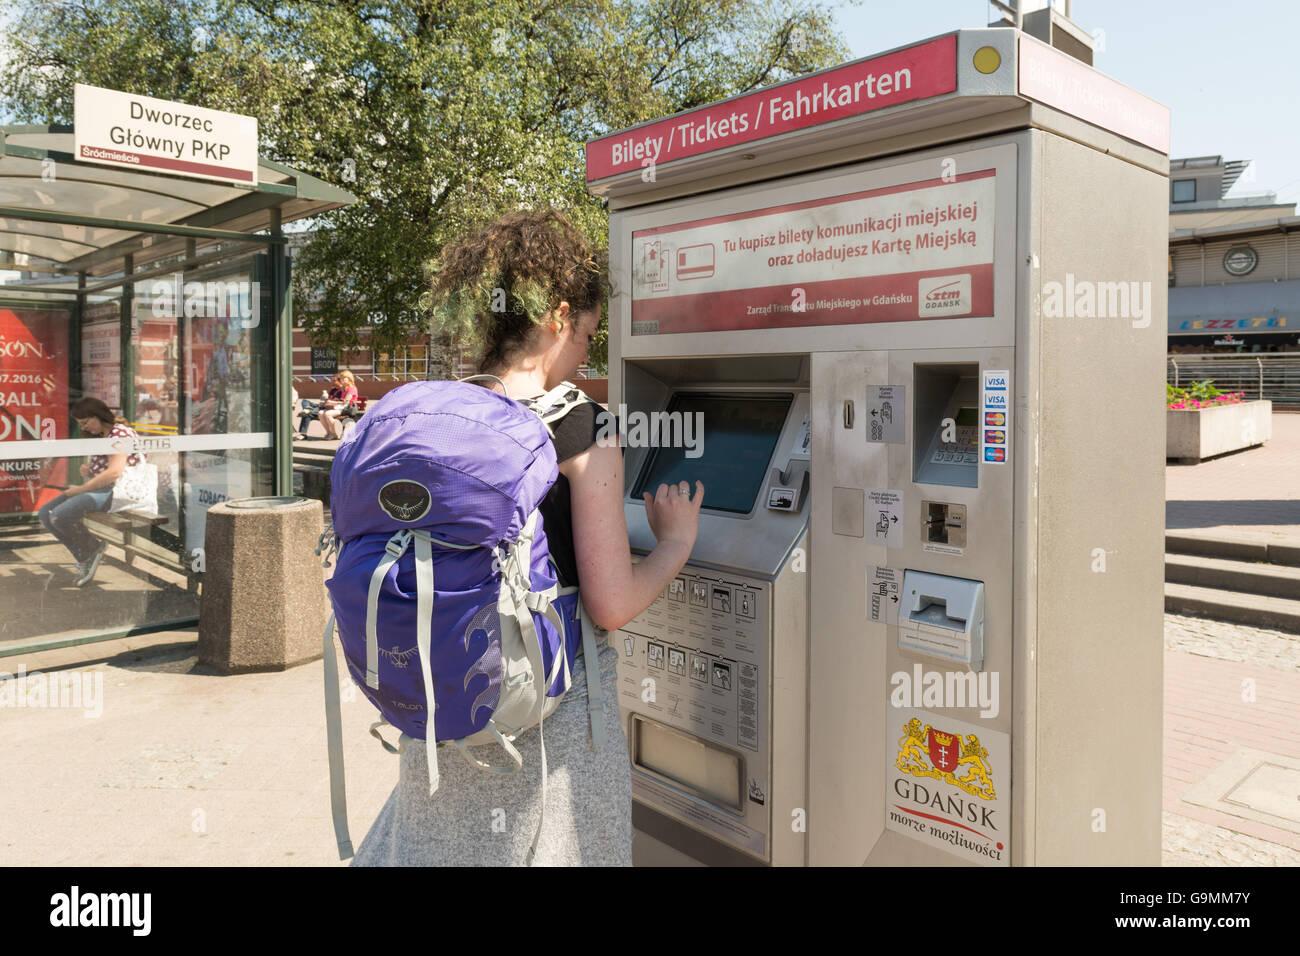 Joven estudiante comprar billetes de autobús en el centro de Gdansk Glowny (enfrente de la estación de Imagen De Stock